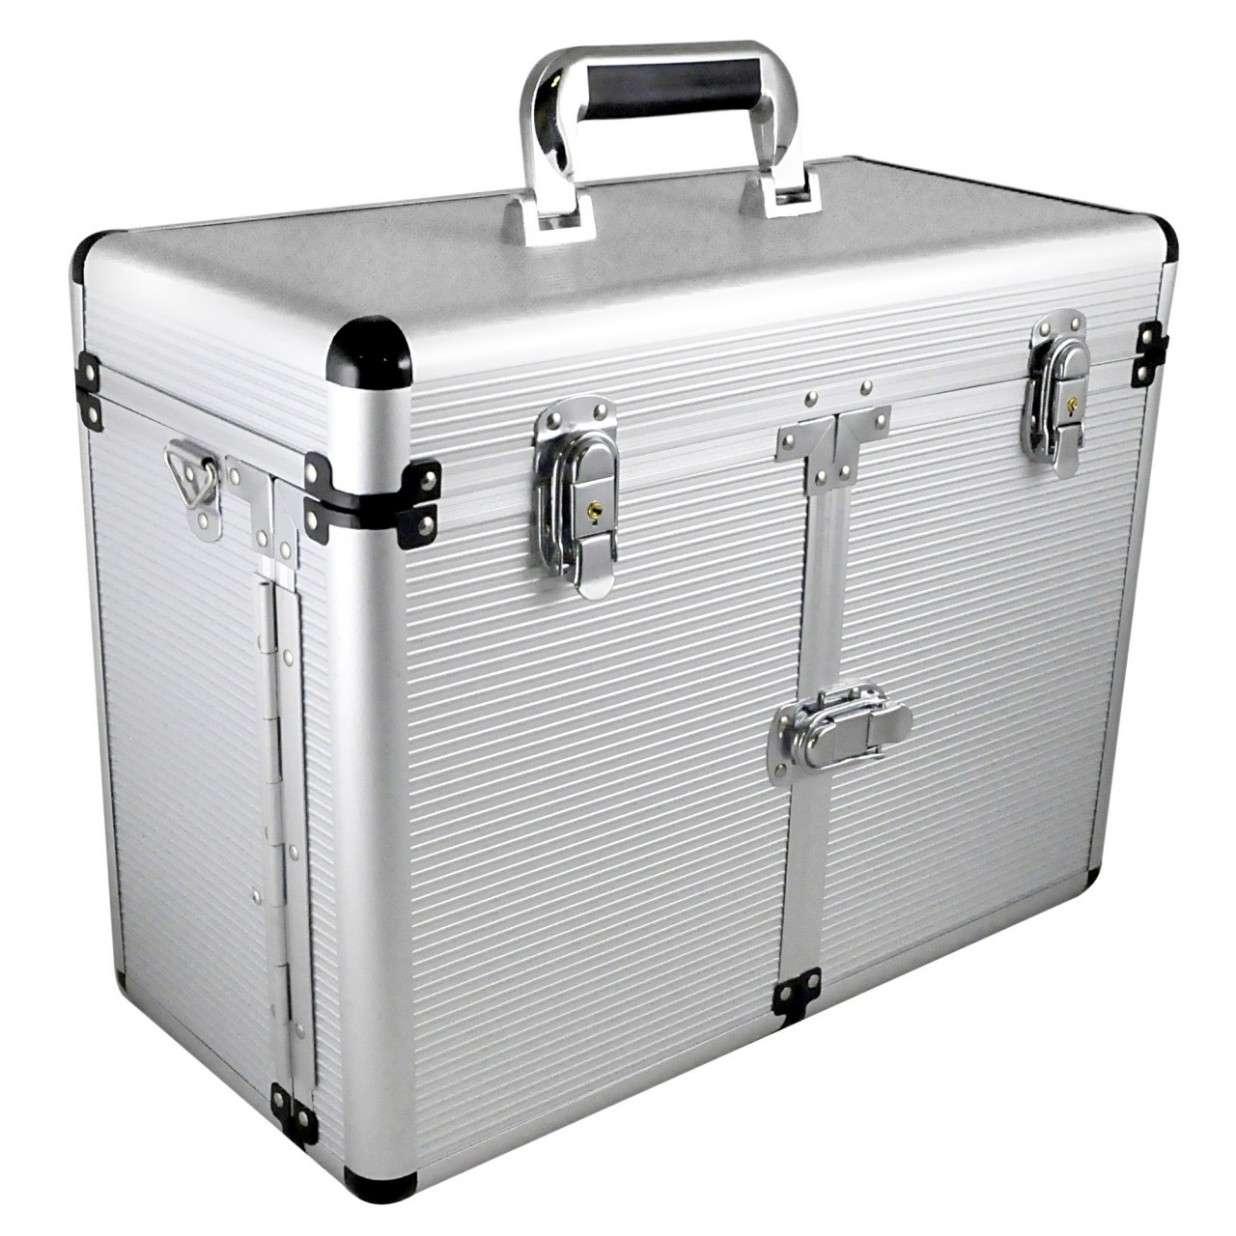 746f22f47 ... Maletín Profesional Aluminio Grande 3129. Previous